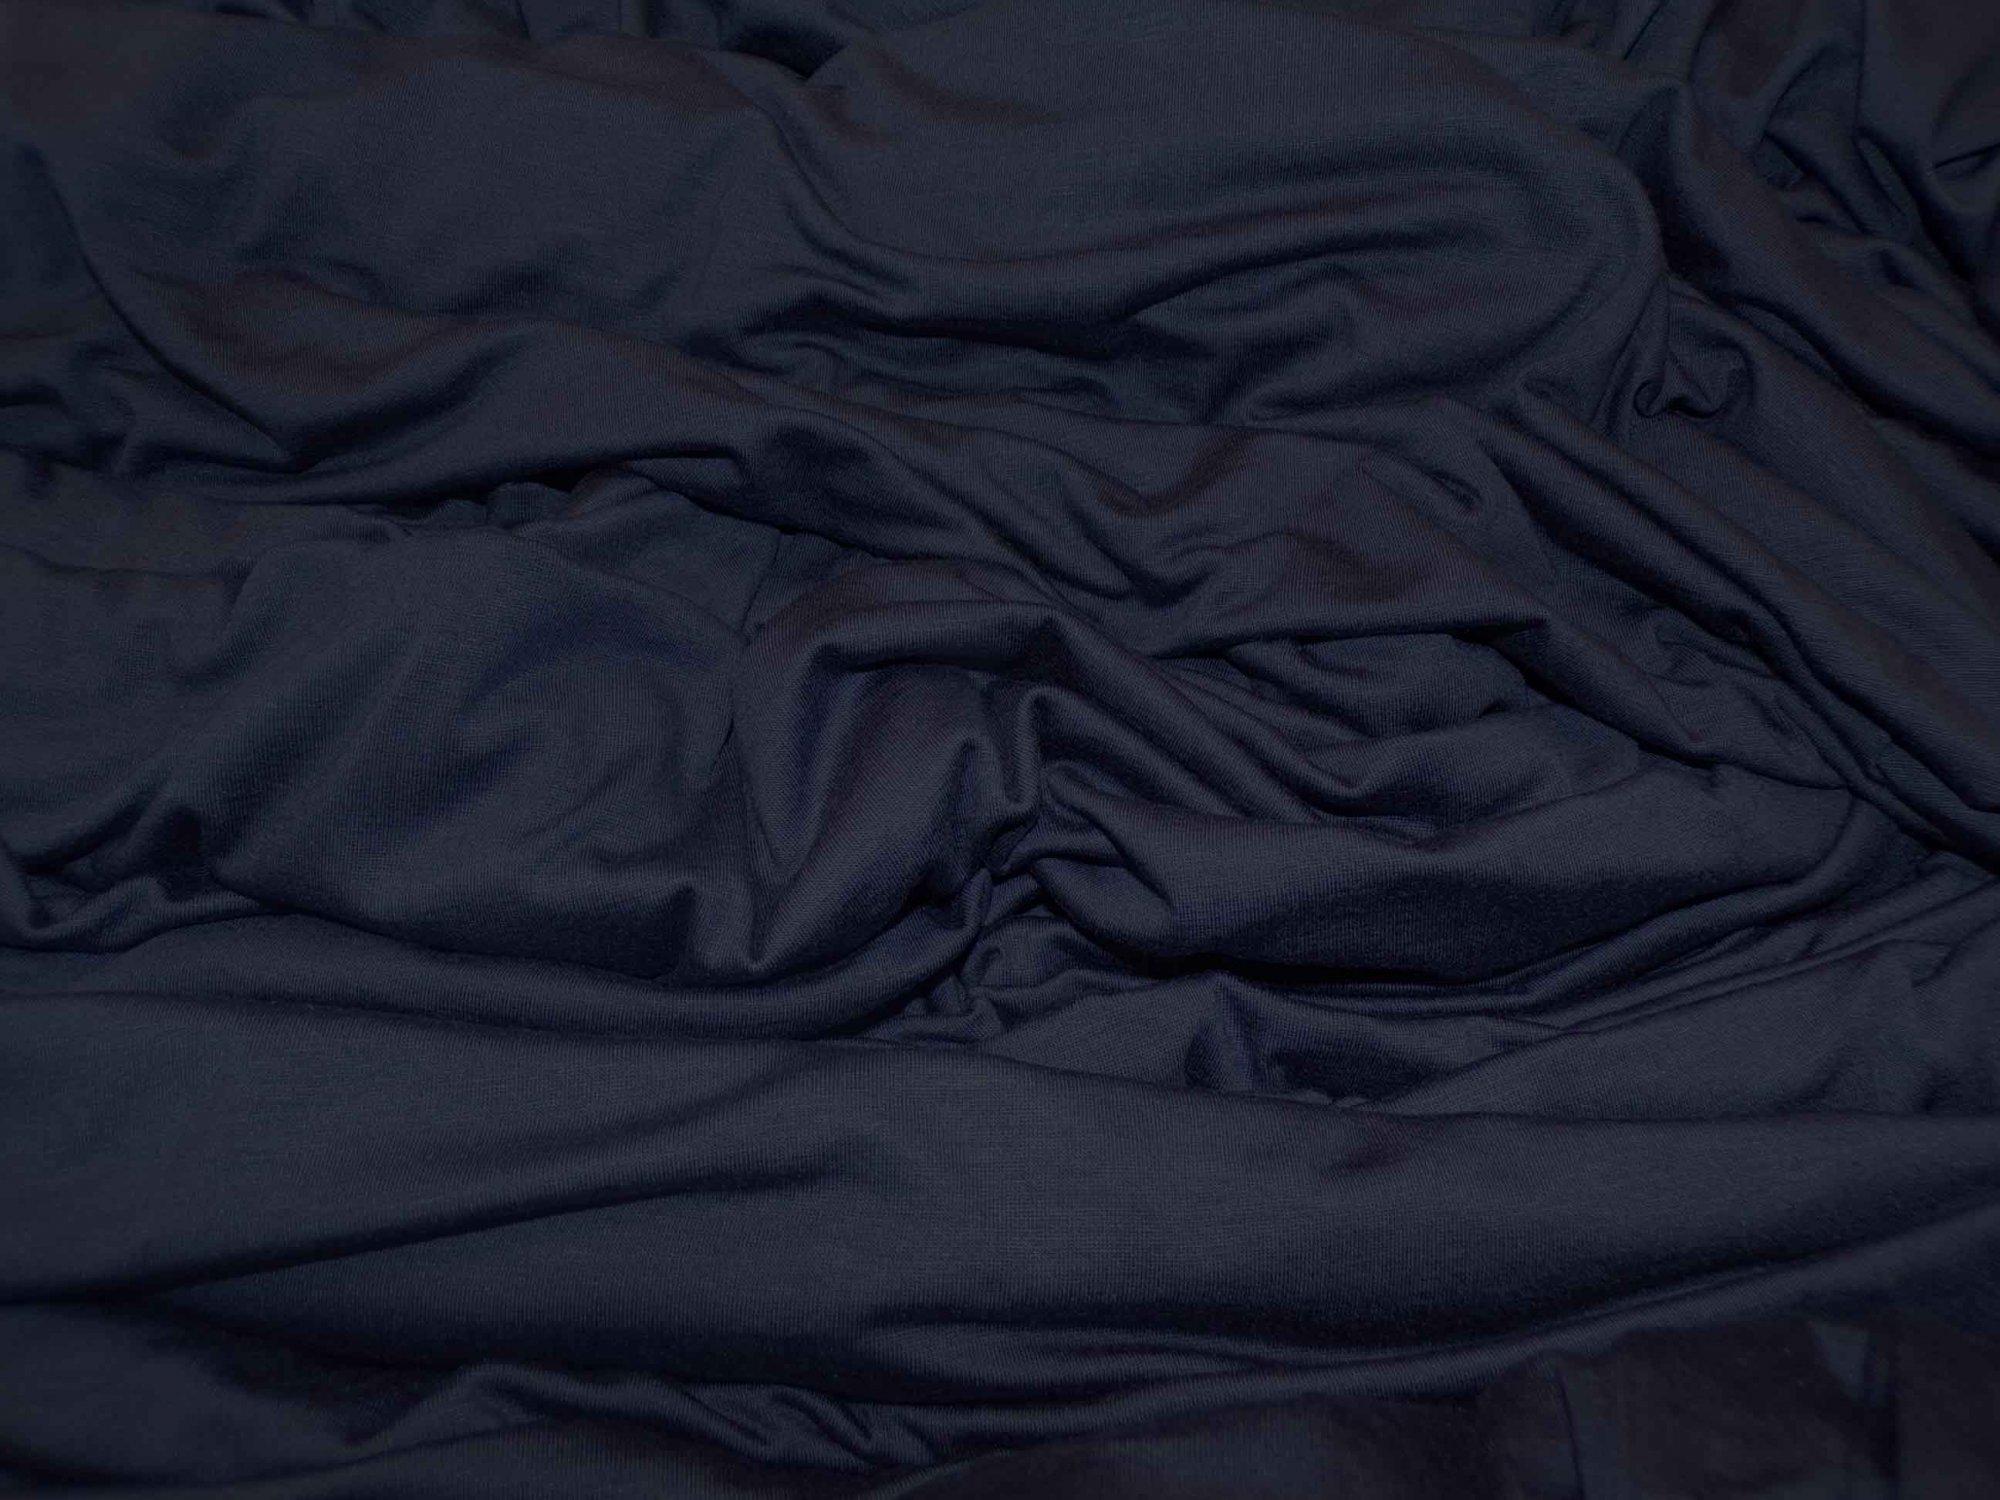 Lightweight Modal Lycra Jersey - Navy Blue